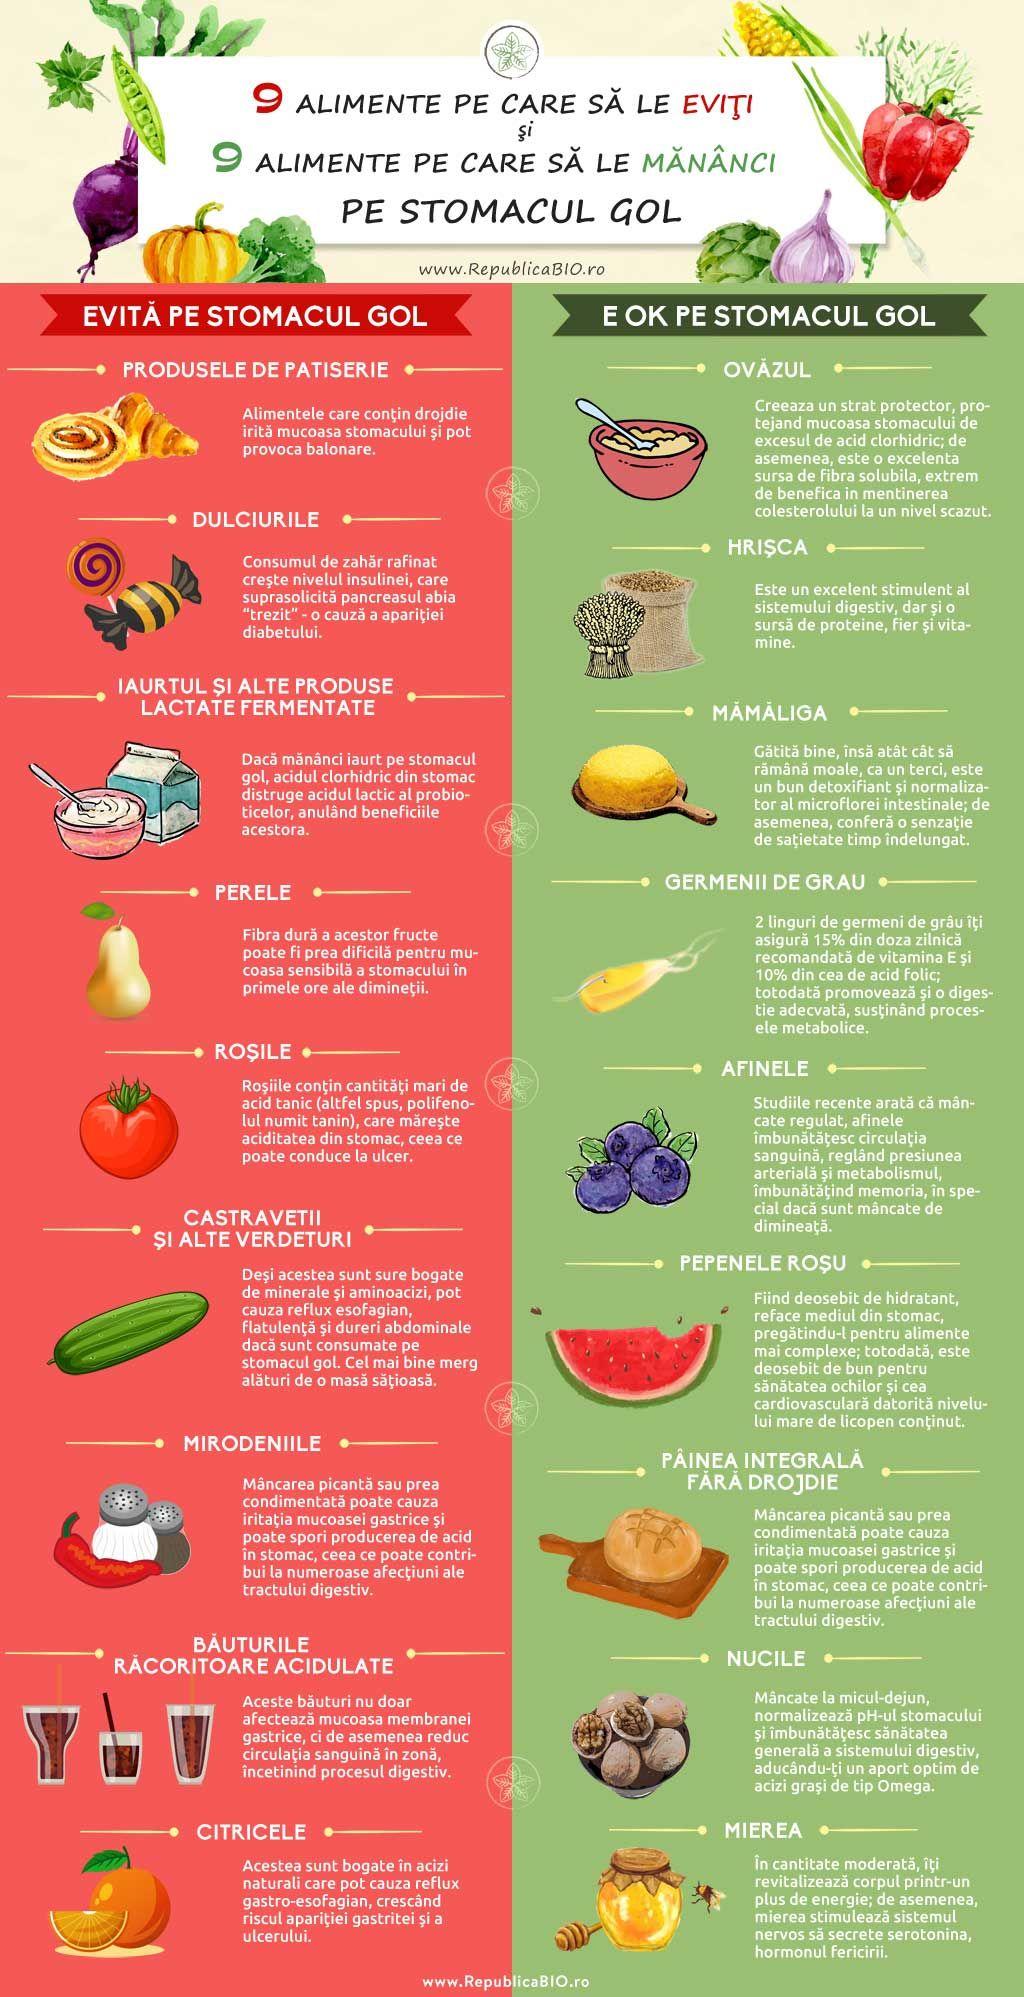 sfaturi pentru pierderea în greutate sănătos